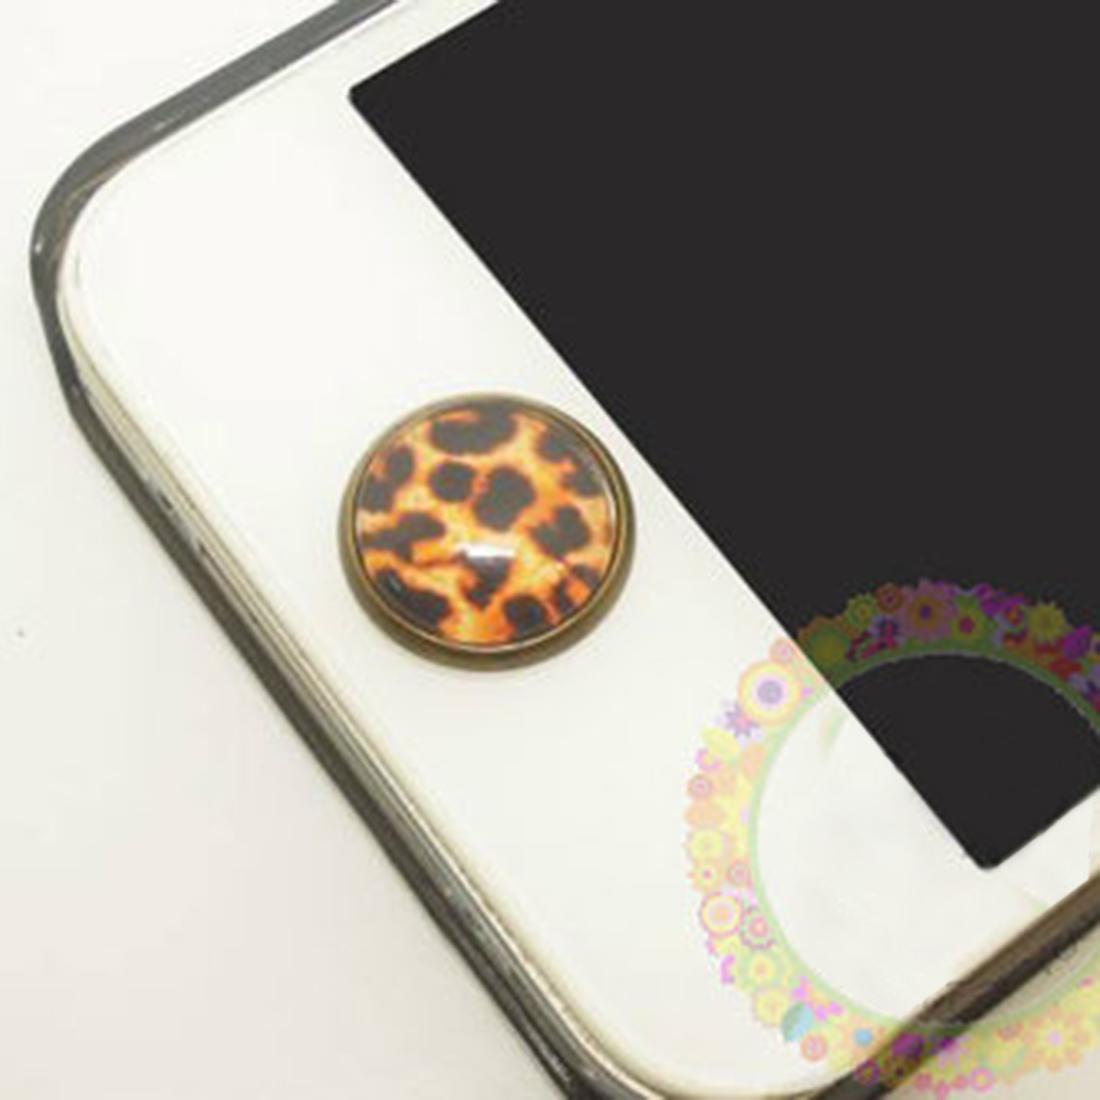 Braun-Leopard-Handy-Home-Button-Taste-Aufkleber-6-in-1-smart-Phone